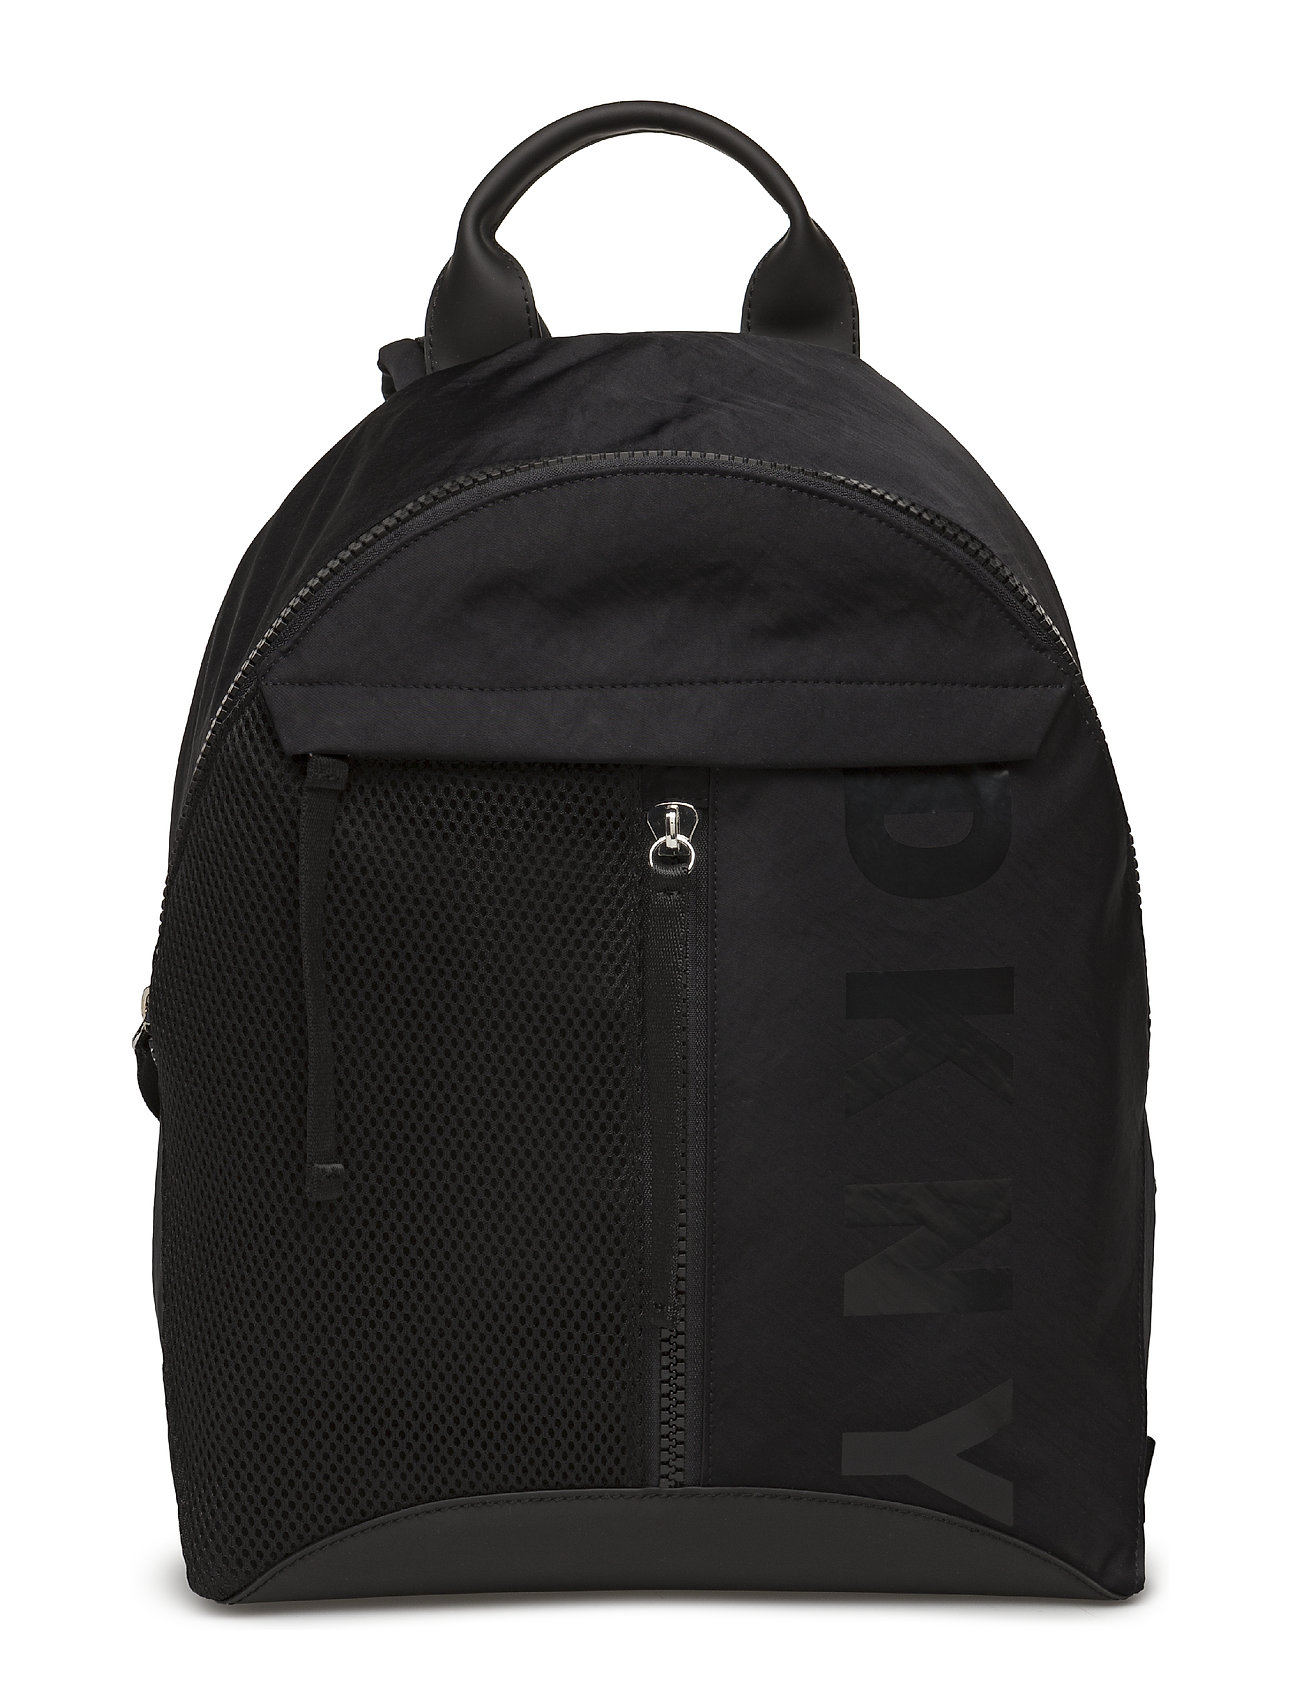 Jadyn Med Backpack